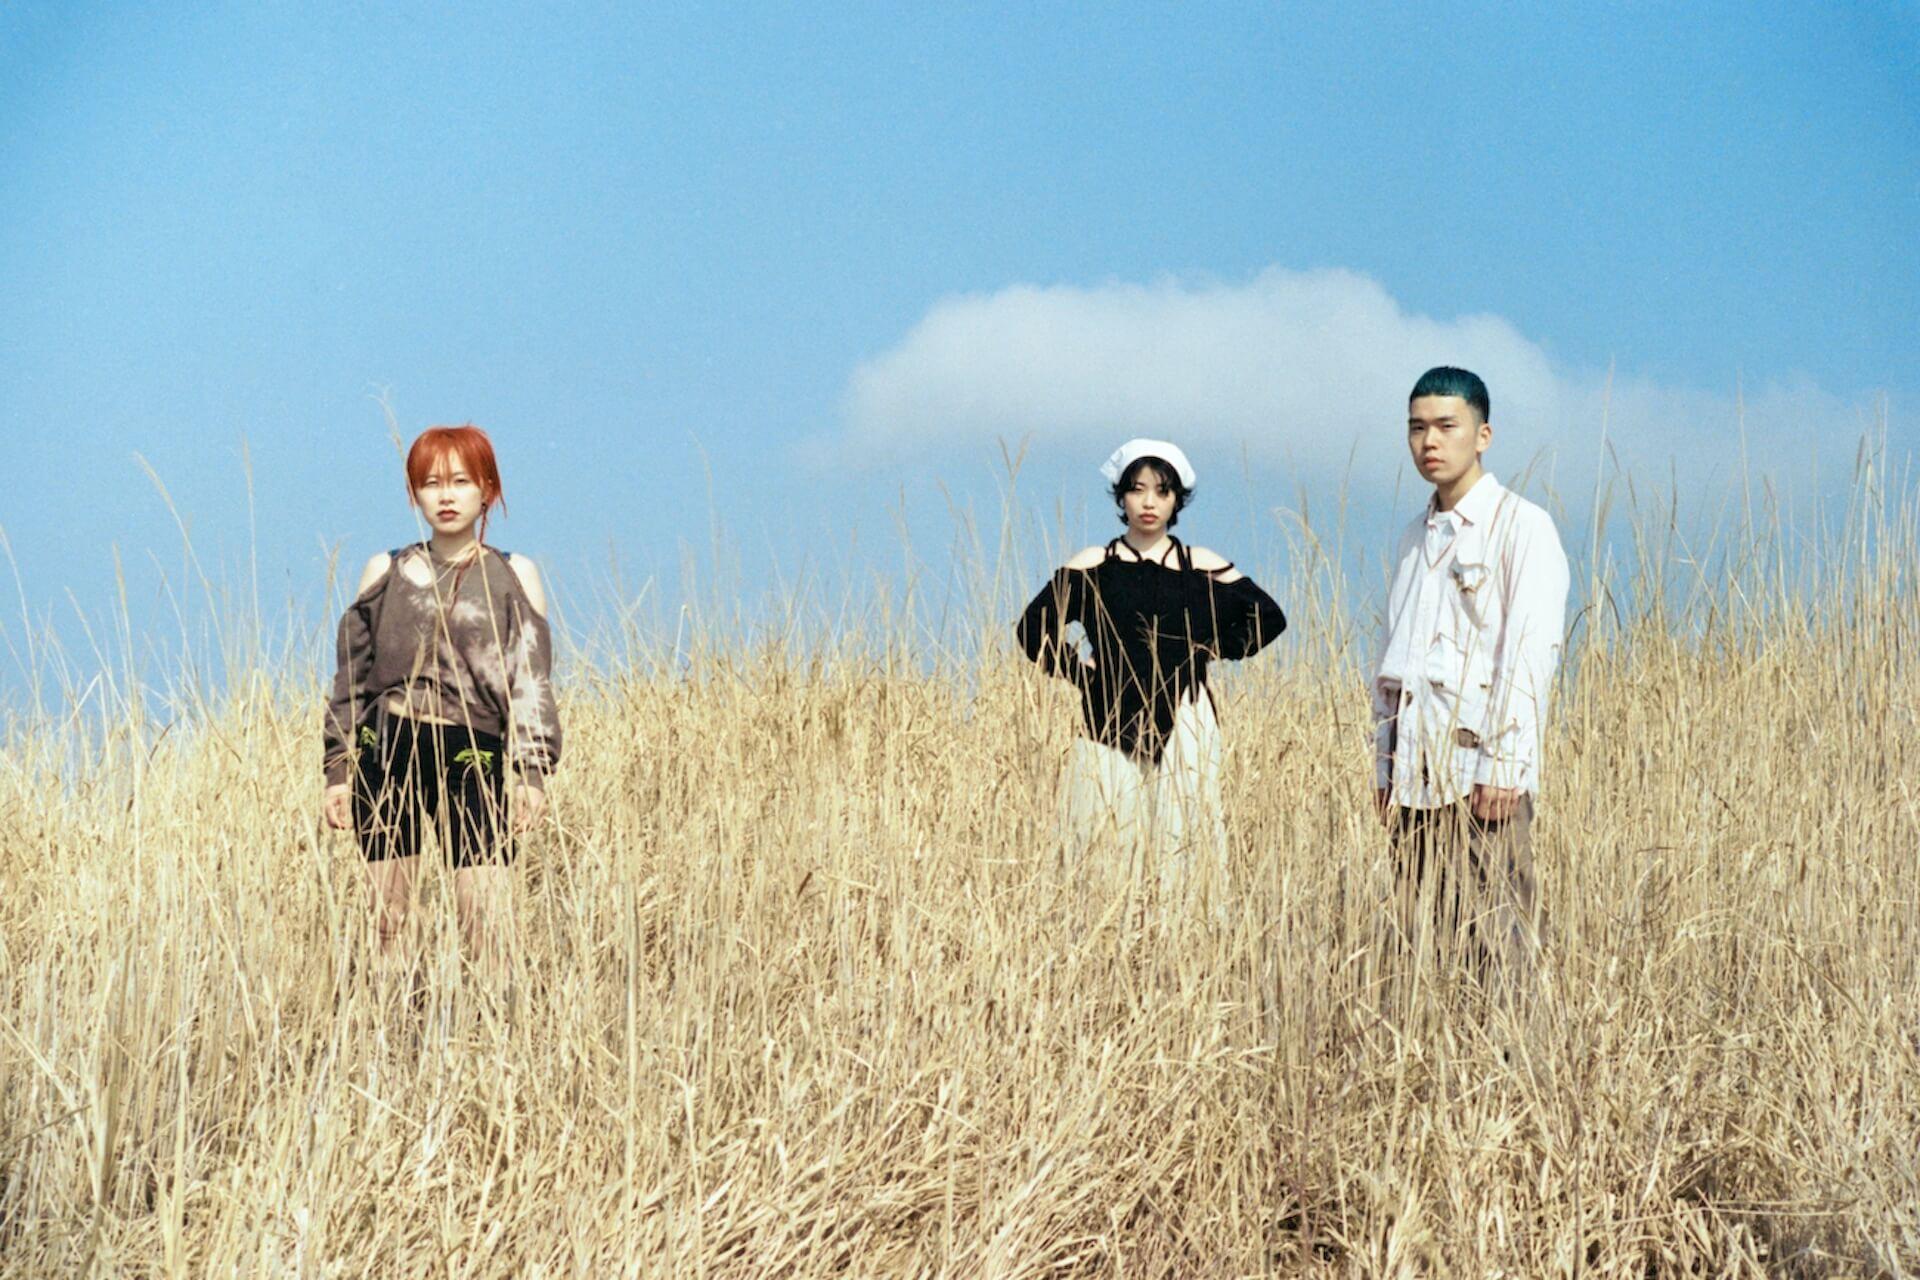 """NTsKiが8月リリースのデビューアルバム『Orca』より新曲""""On Divination in Sleep feat. Dove""""を公開! music_210708_NTsKi4"""